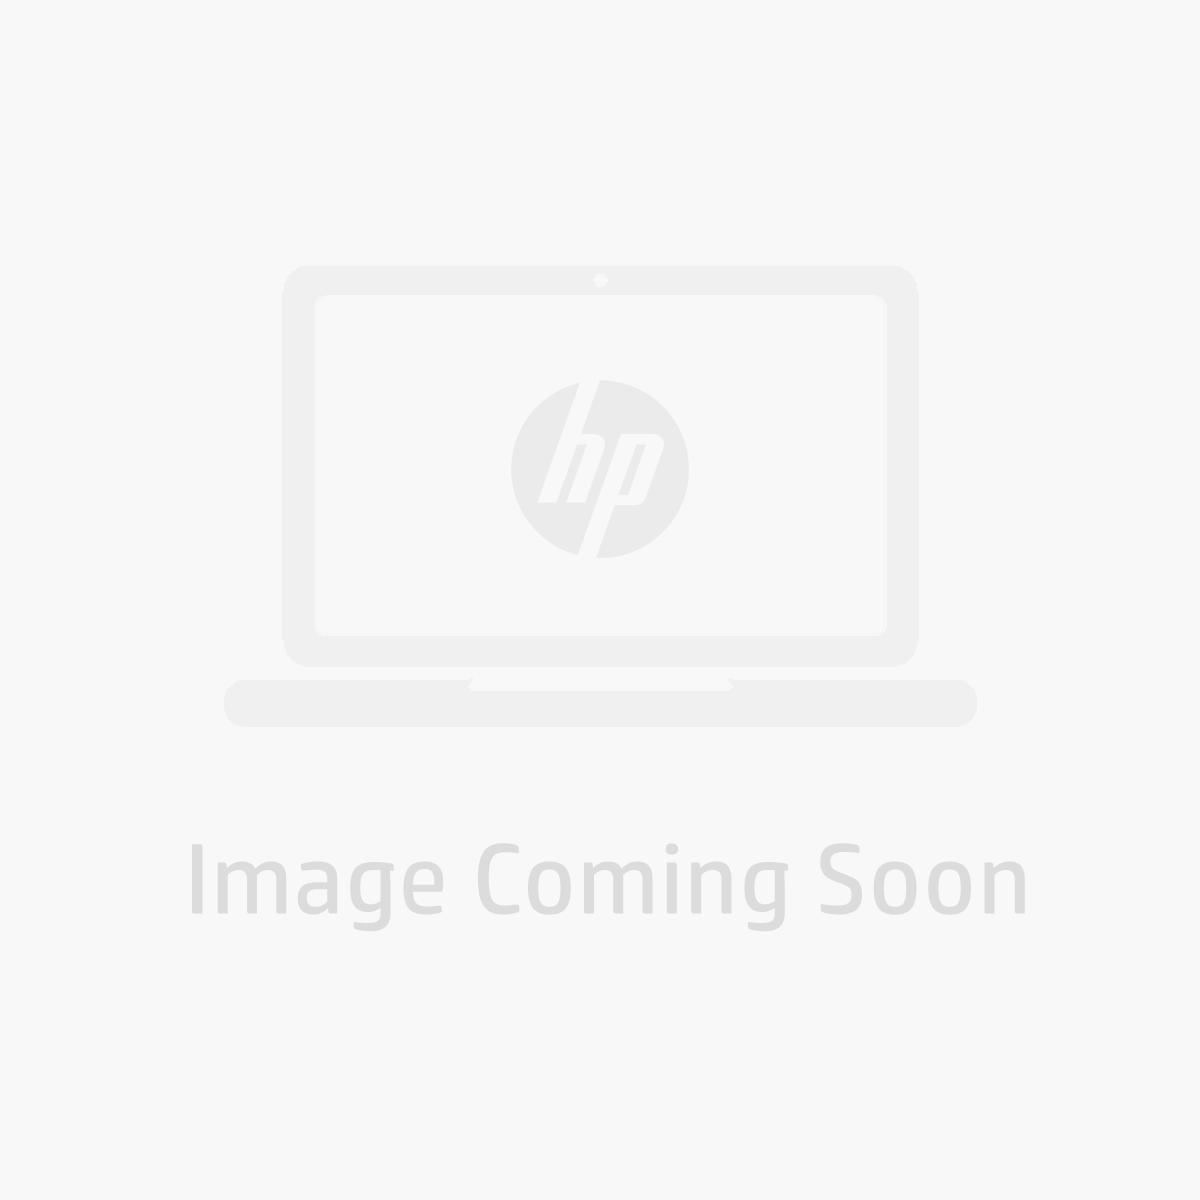 HP 51X Dual Pack Black Original LaserJet Toner Cartridges